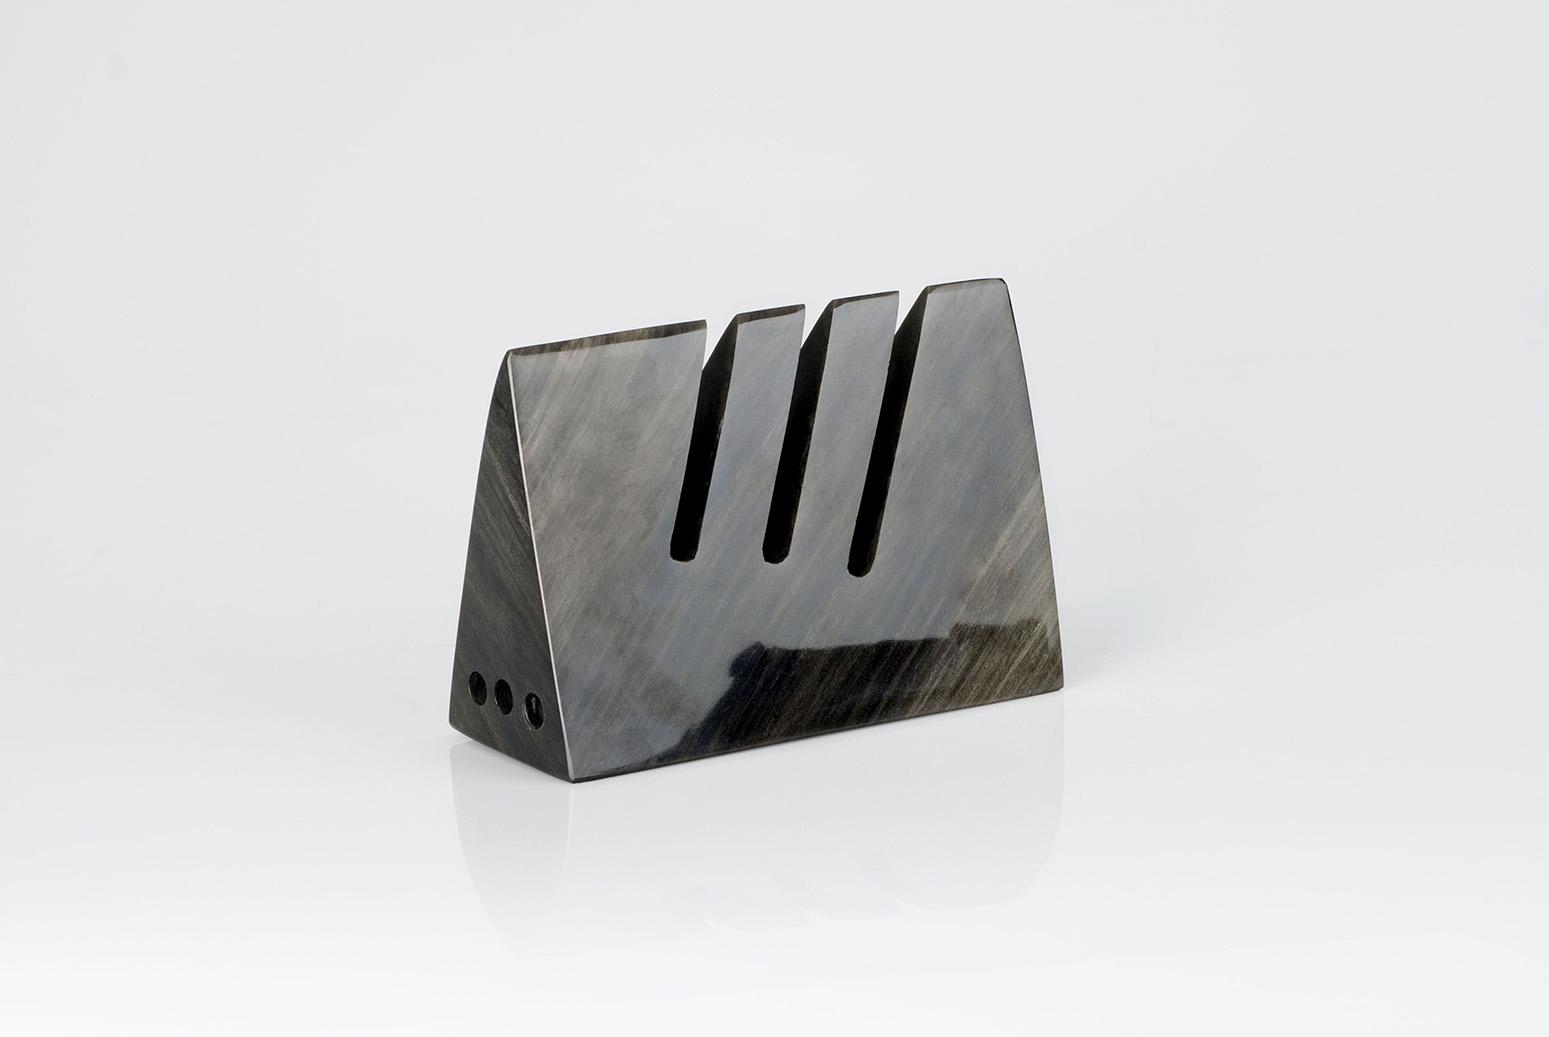 Obsidian-tape-dispenser-tool-Leslie Leyva-artisan-Alberto Sánchez  Hernández-Anahuac-MarionFriedmann-MexicoDesignTime-books-pencils-holder35.jpg